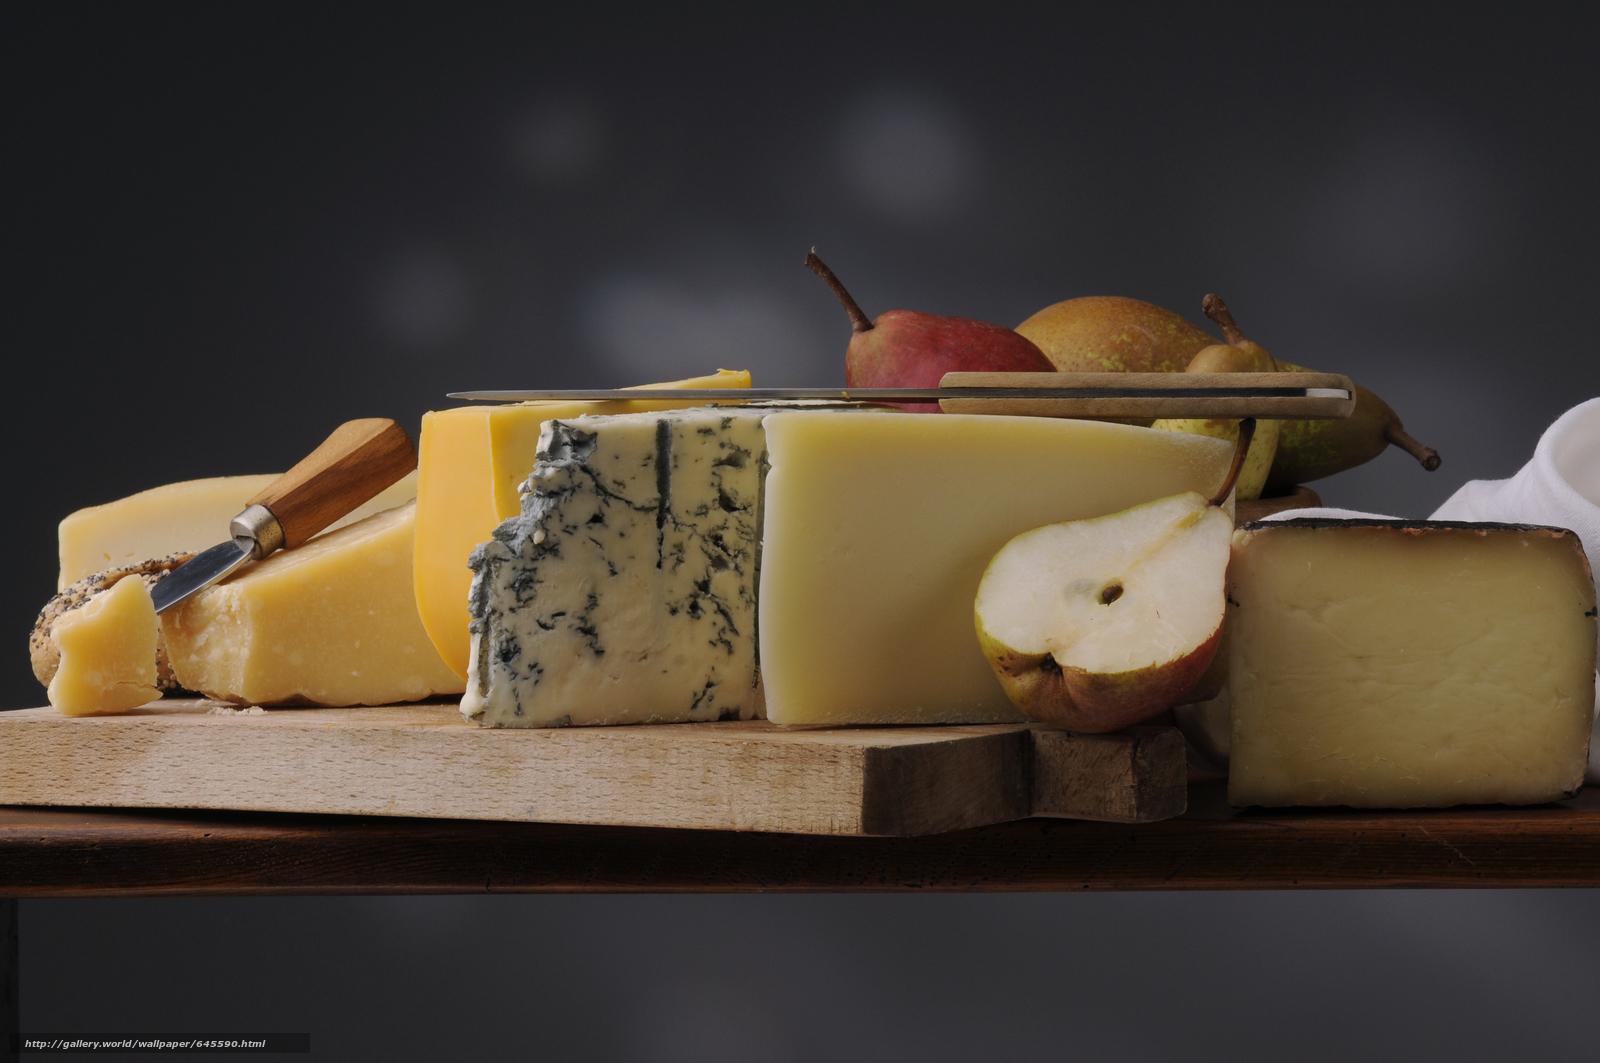 Скачать обои сыр,  еда,  пища,  провиант бесплатно для рабочего стола в разрешении 6500x4317 — картинка №645590